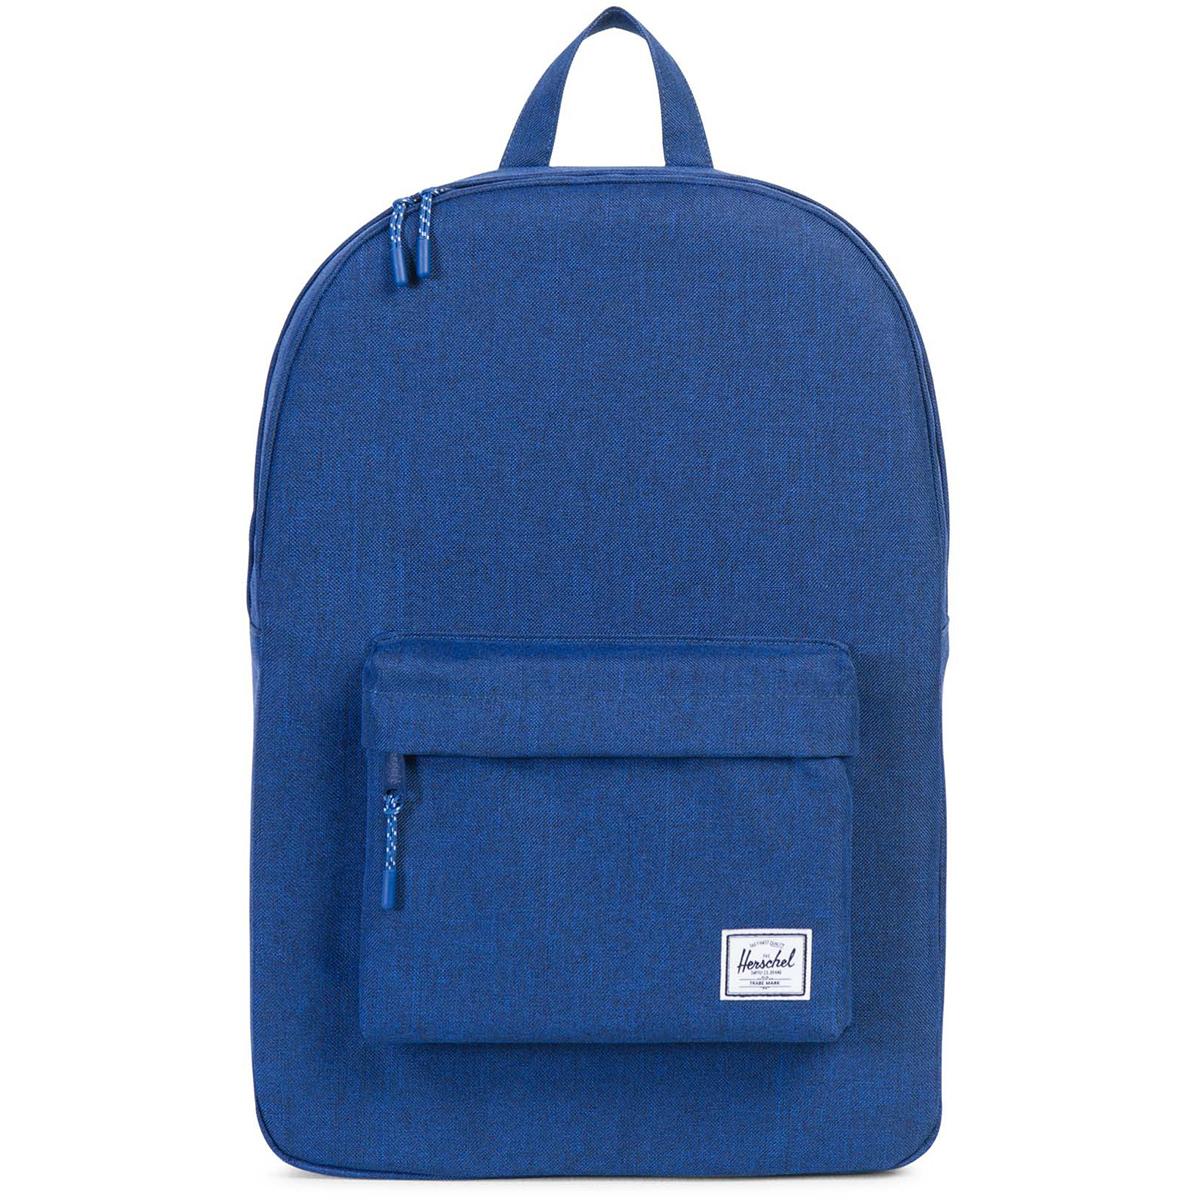 Рюкзак городской Herschel Classic (A/S), цвет: синий. 828432122561K60K602093Рюкзак Herschel Classic целиком и полностью оправдывает свое название, выражая совершенство в лаконичных и идеальных линиях. Этот рюкзак создан для любых целей и поездок и отлично впишется в абсолютно любой стиль.